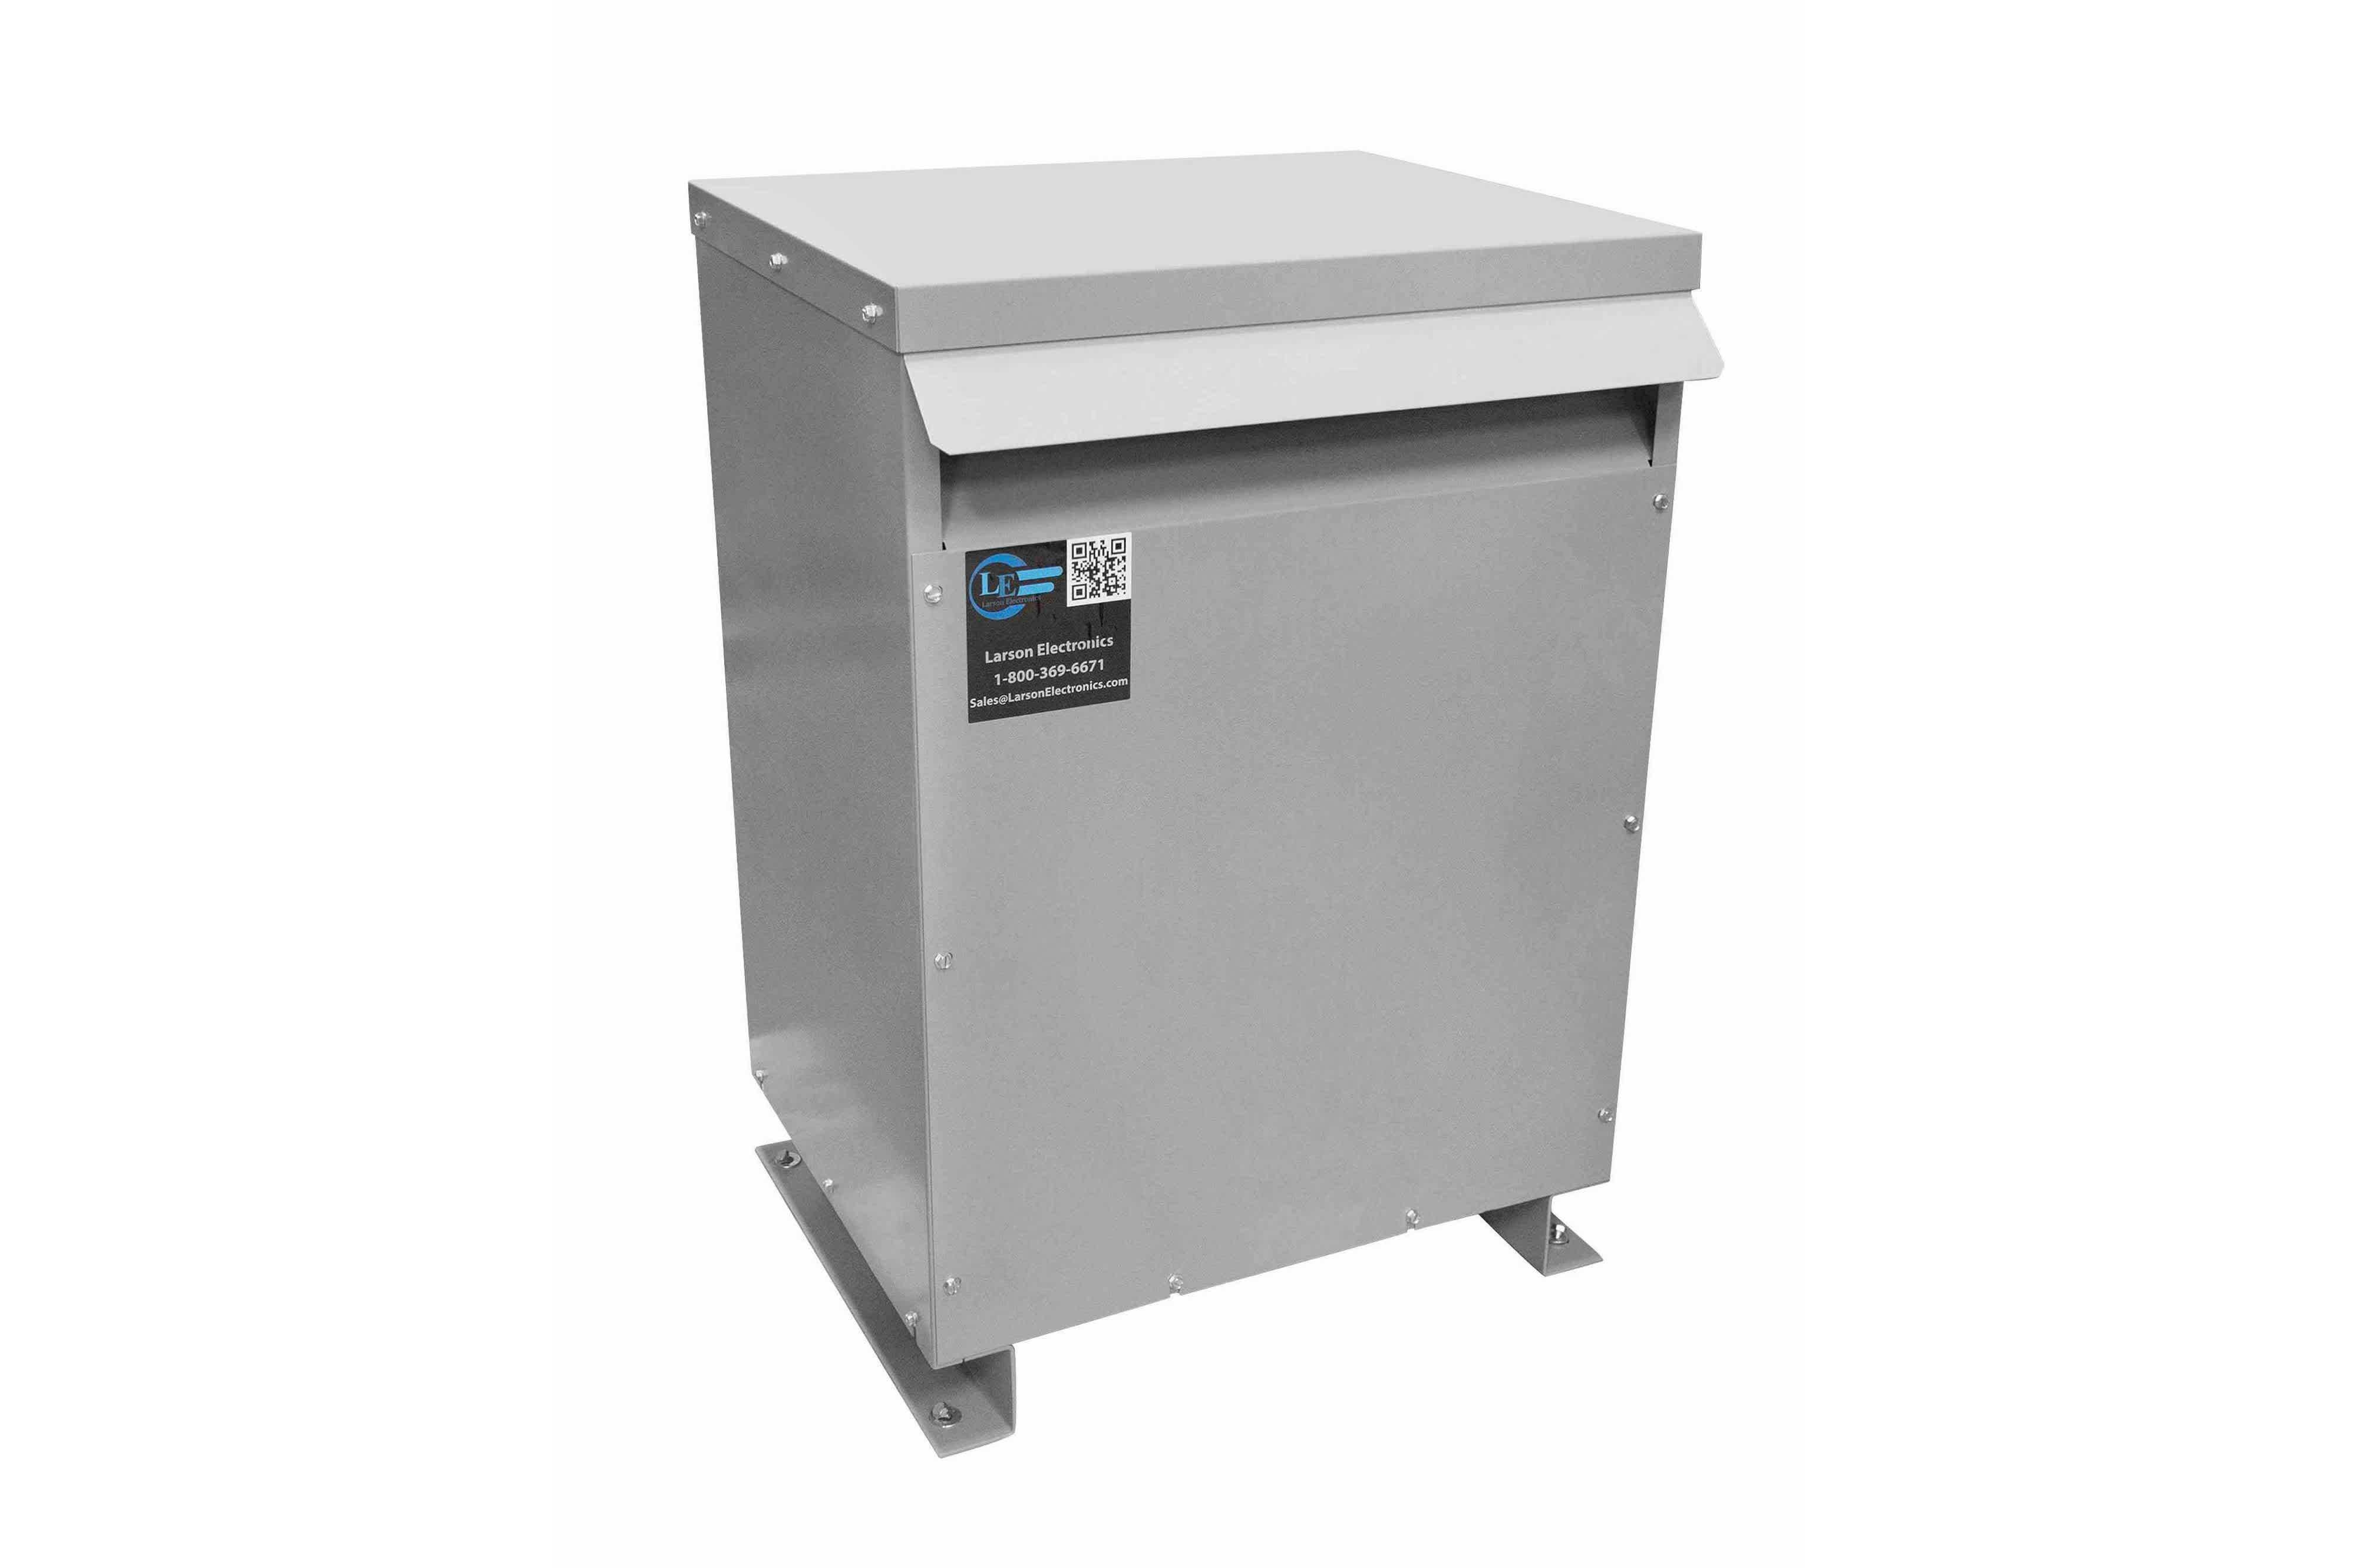 37.5 kVA 3PH Isolation Transformer, 208V Delta Primary, 480V Delta Secondary, N3R, Ventilated, 60 Hz